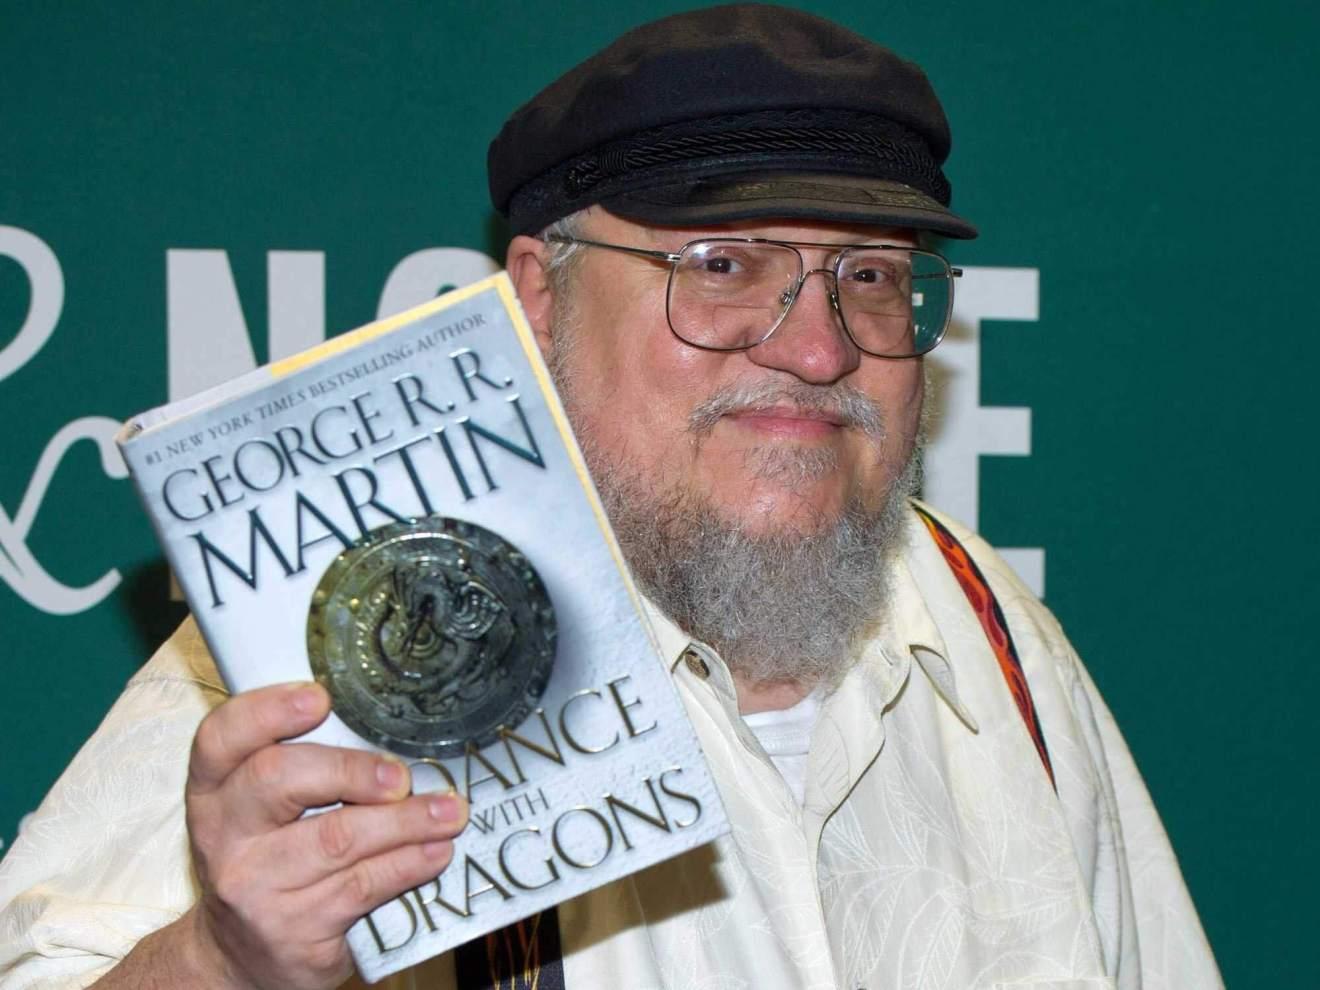 george rr martin 2011 3 - Game of Thrones: ator diz quando deve finalizar a gravação da 8ª temporada